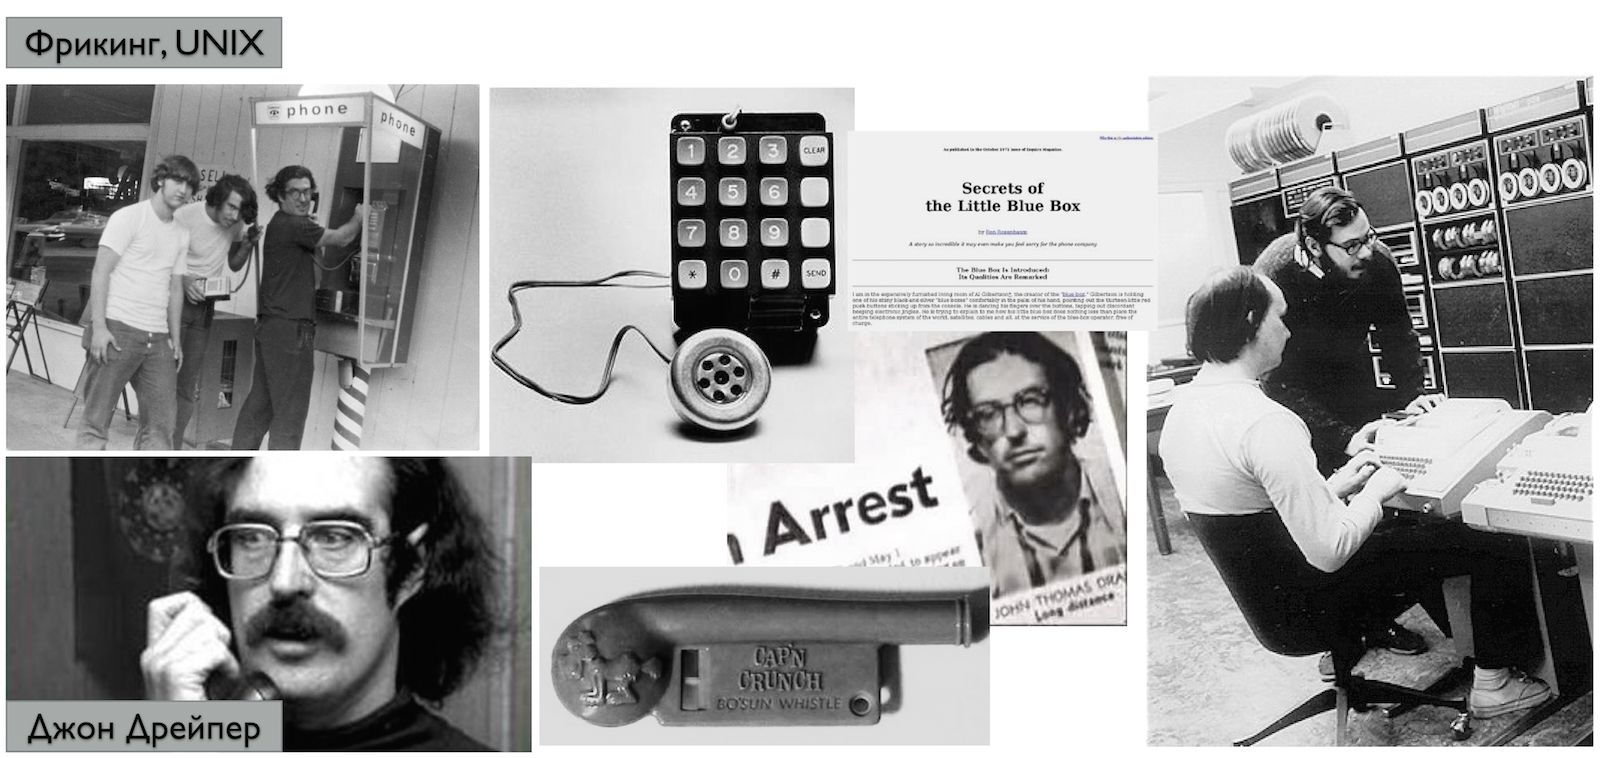 Краткая история хакерства. Рассказ от руководителя информационной безопасности Яндекса